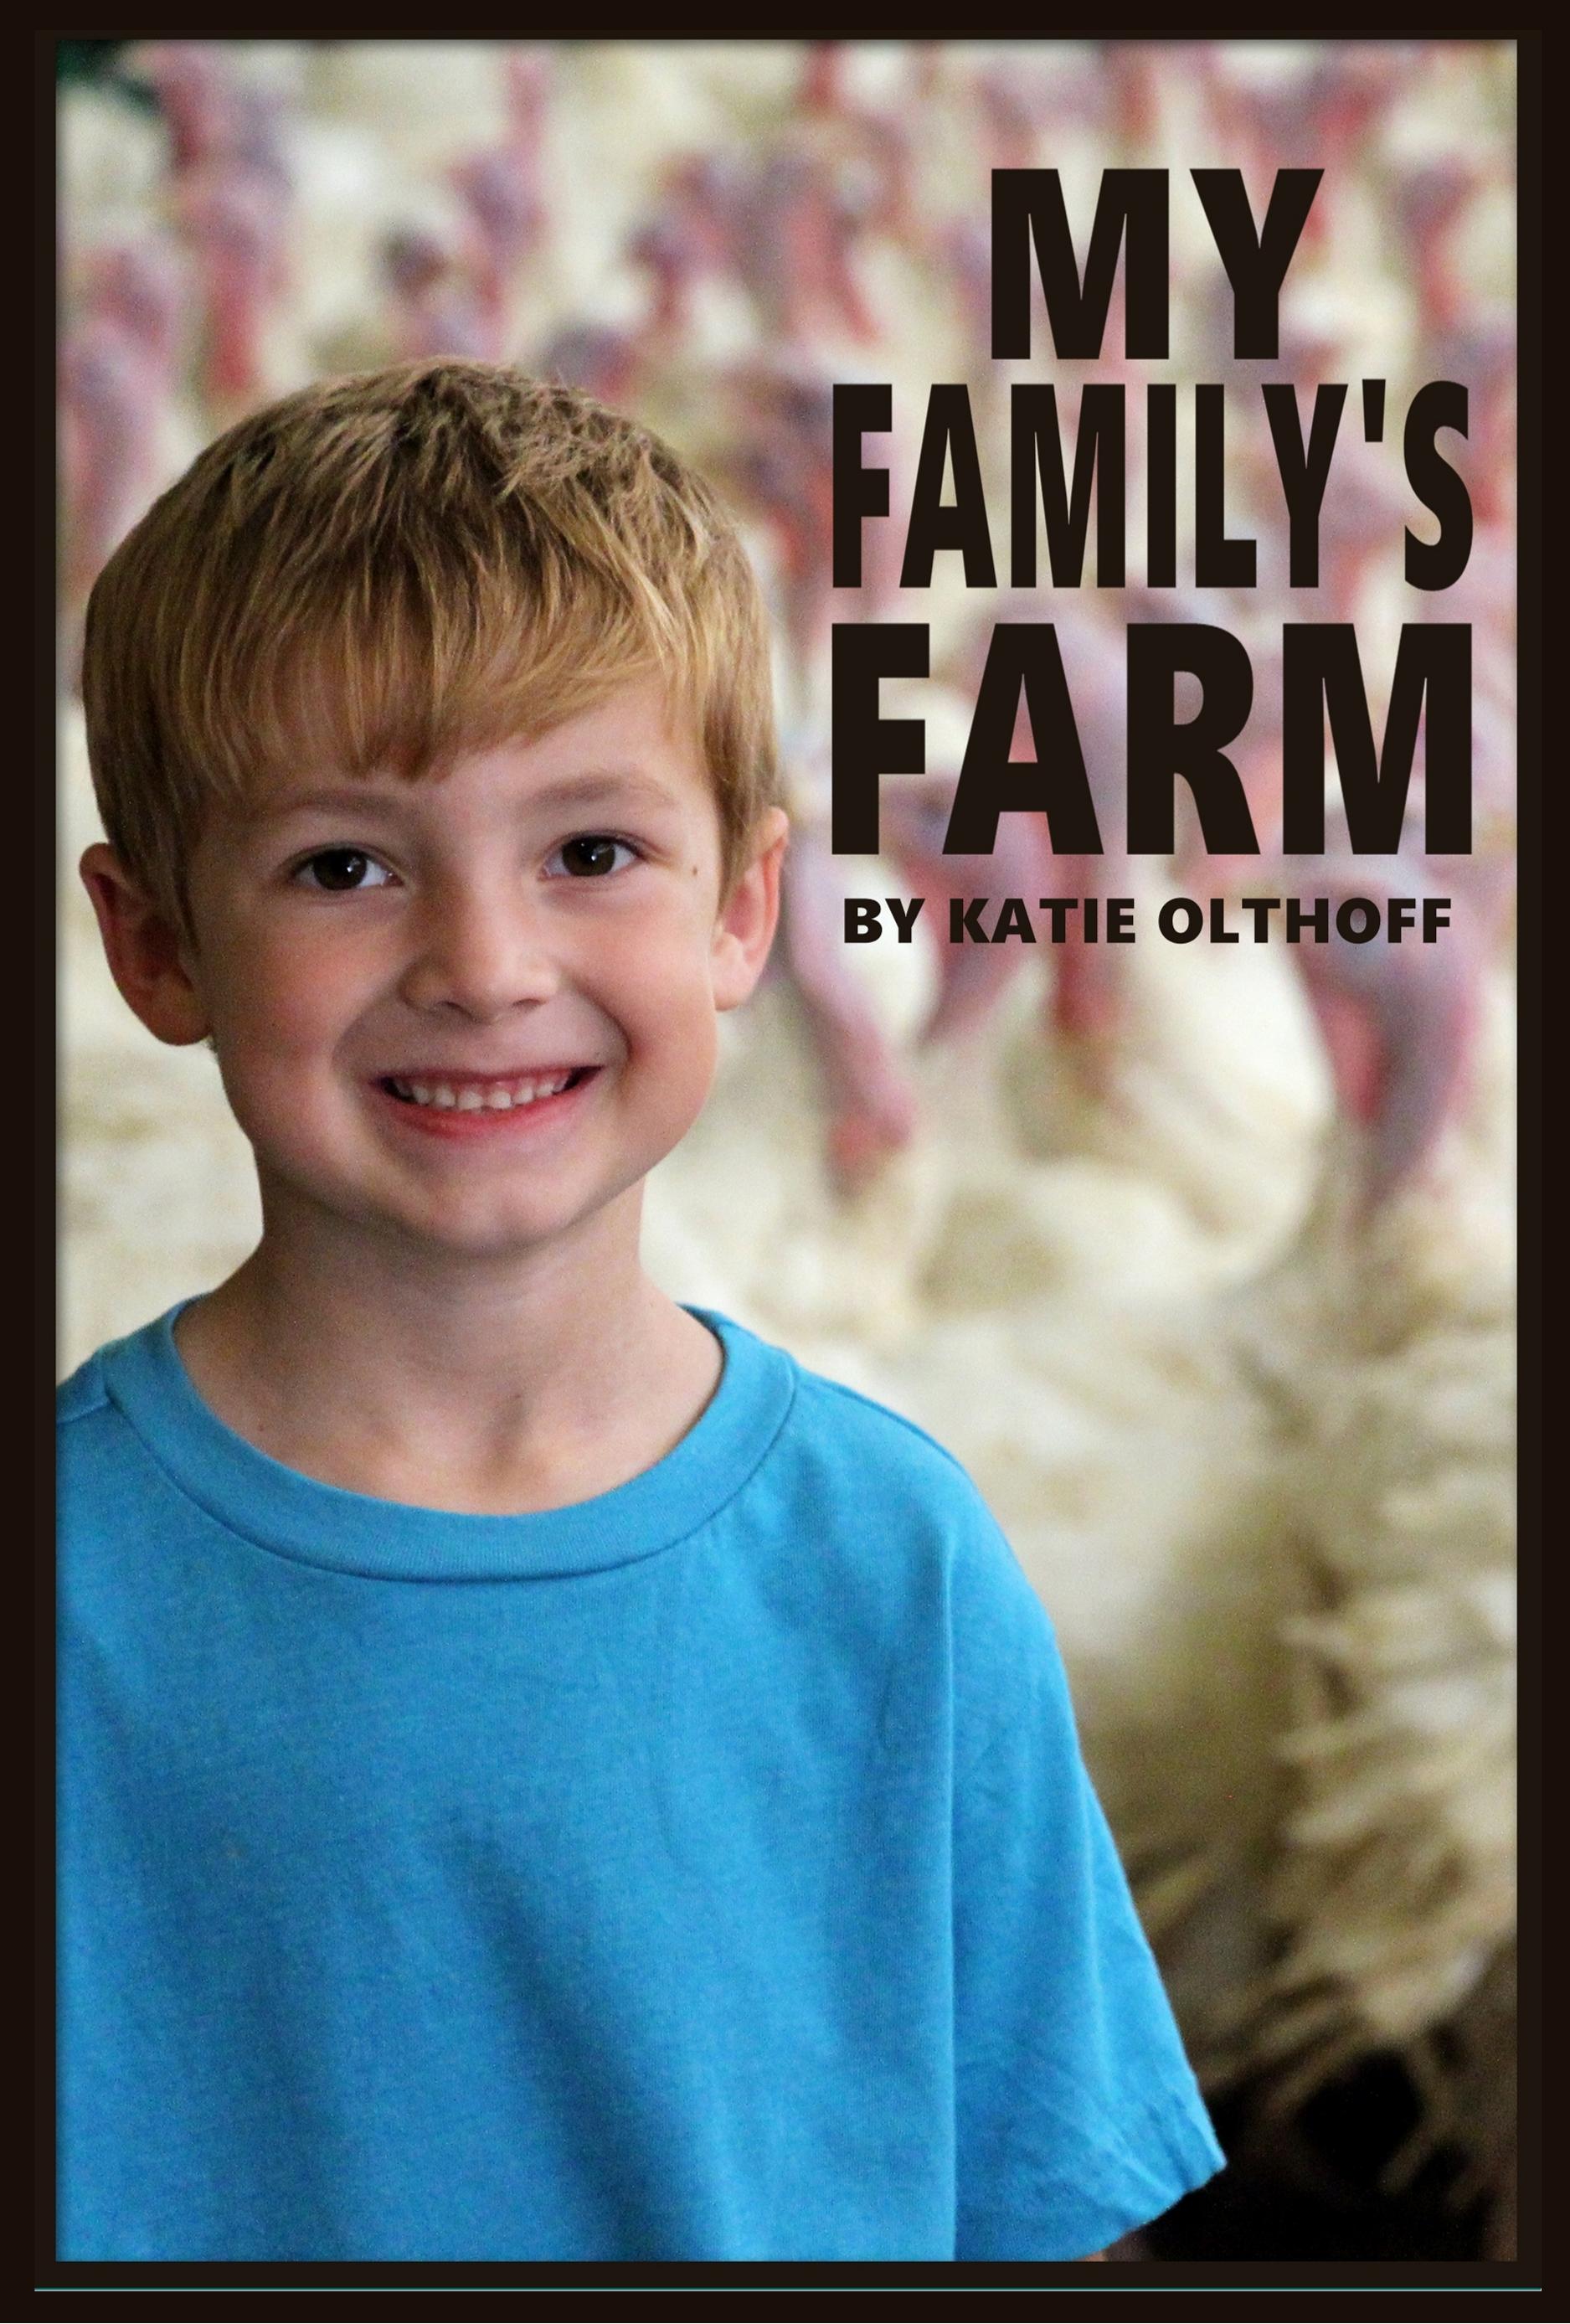 Non-fiction children's book